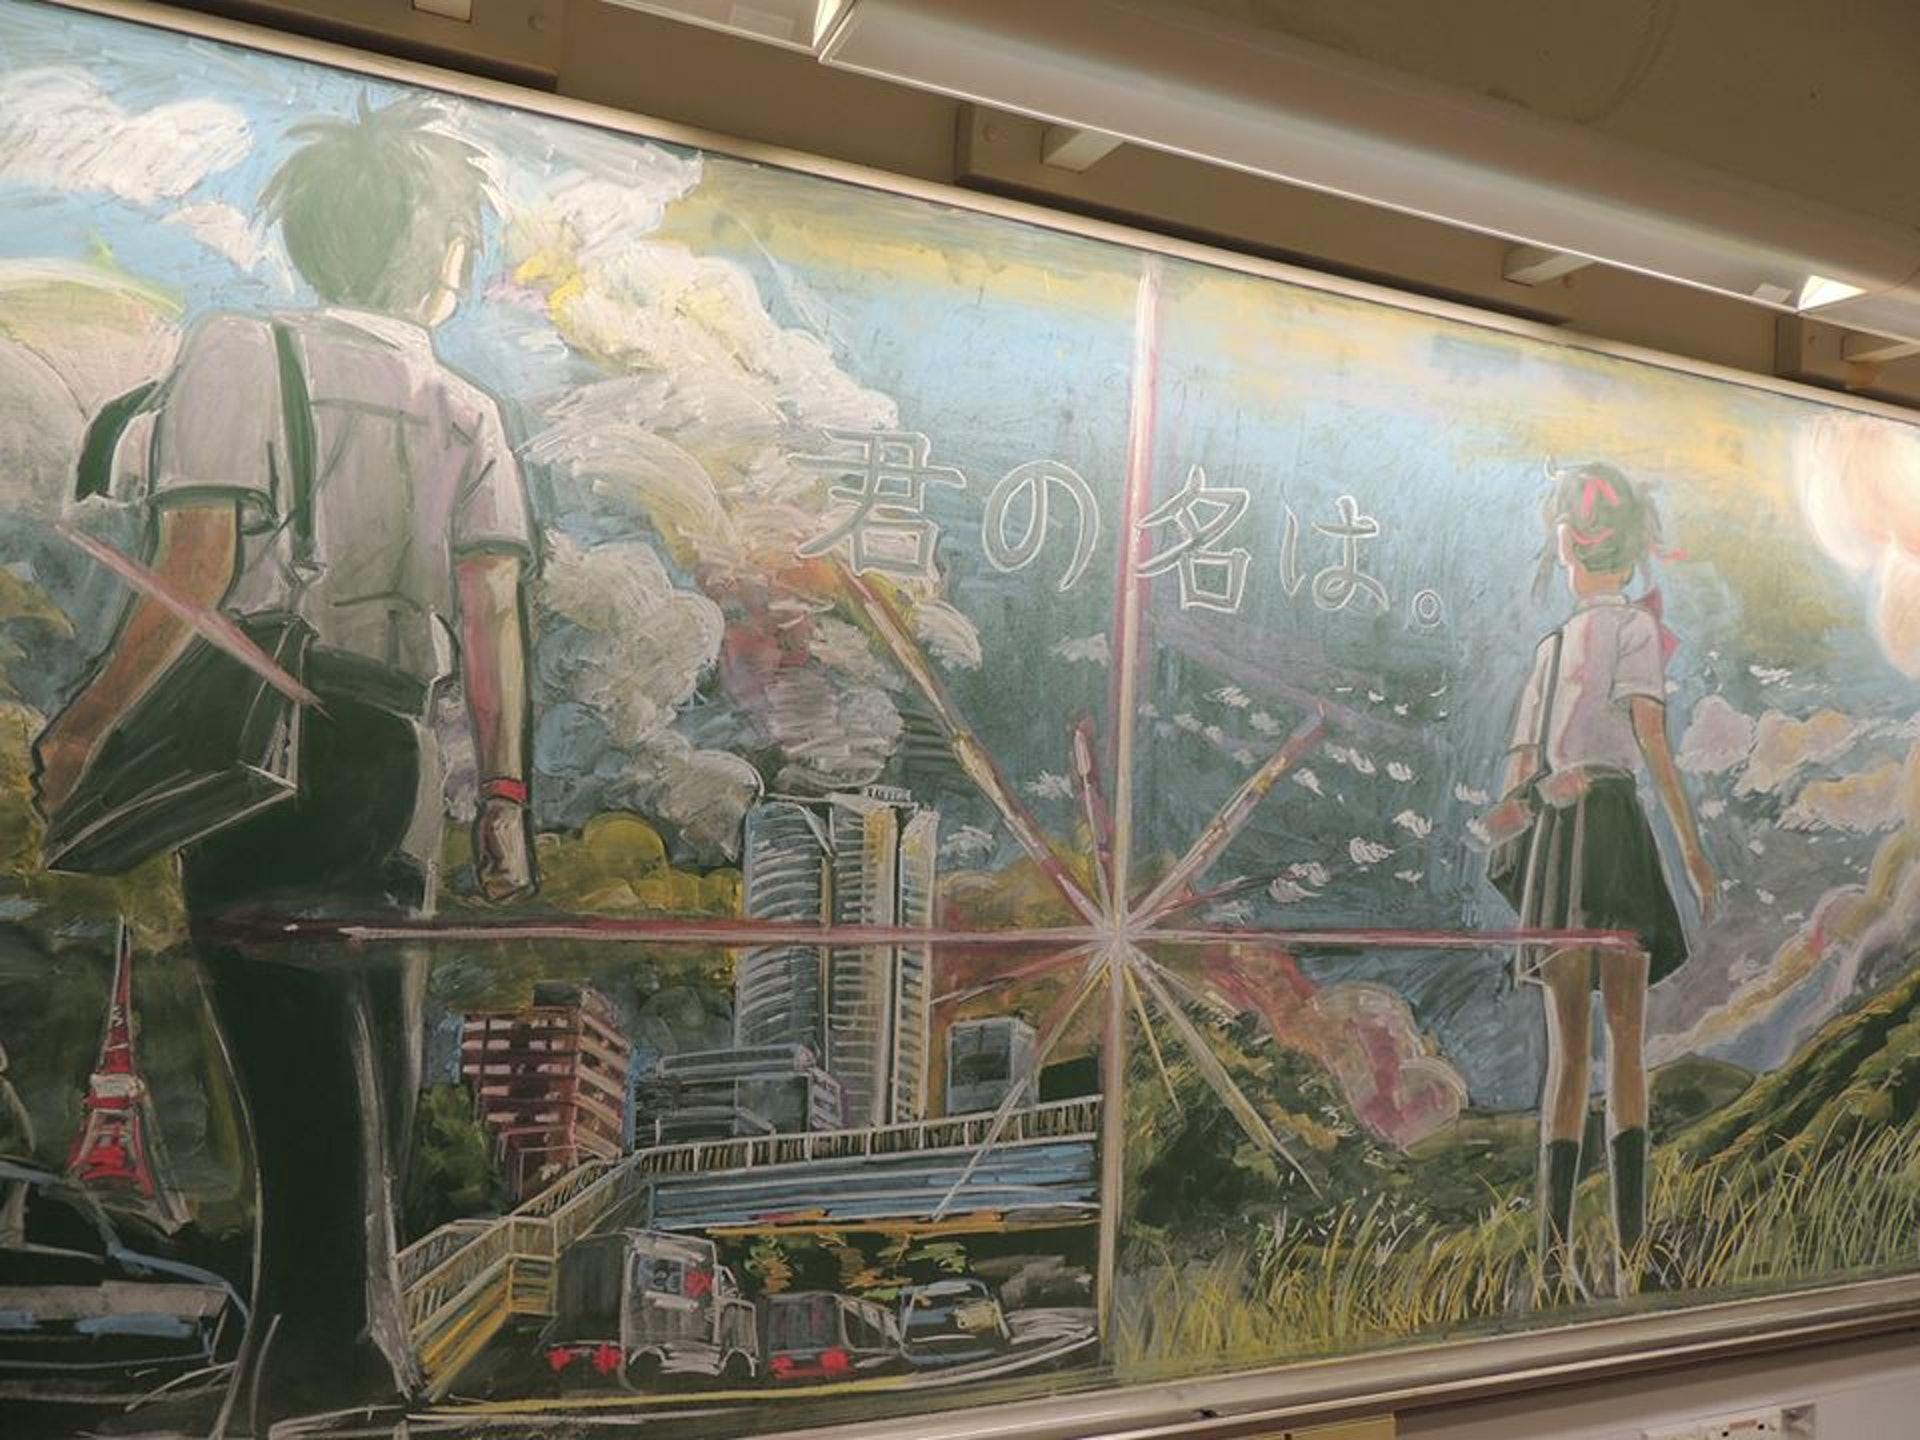 數名女生憑幾枝粉筆畫出一幅《你的名字。》海報。(Illusdreamer圖片)